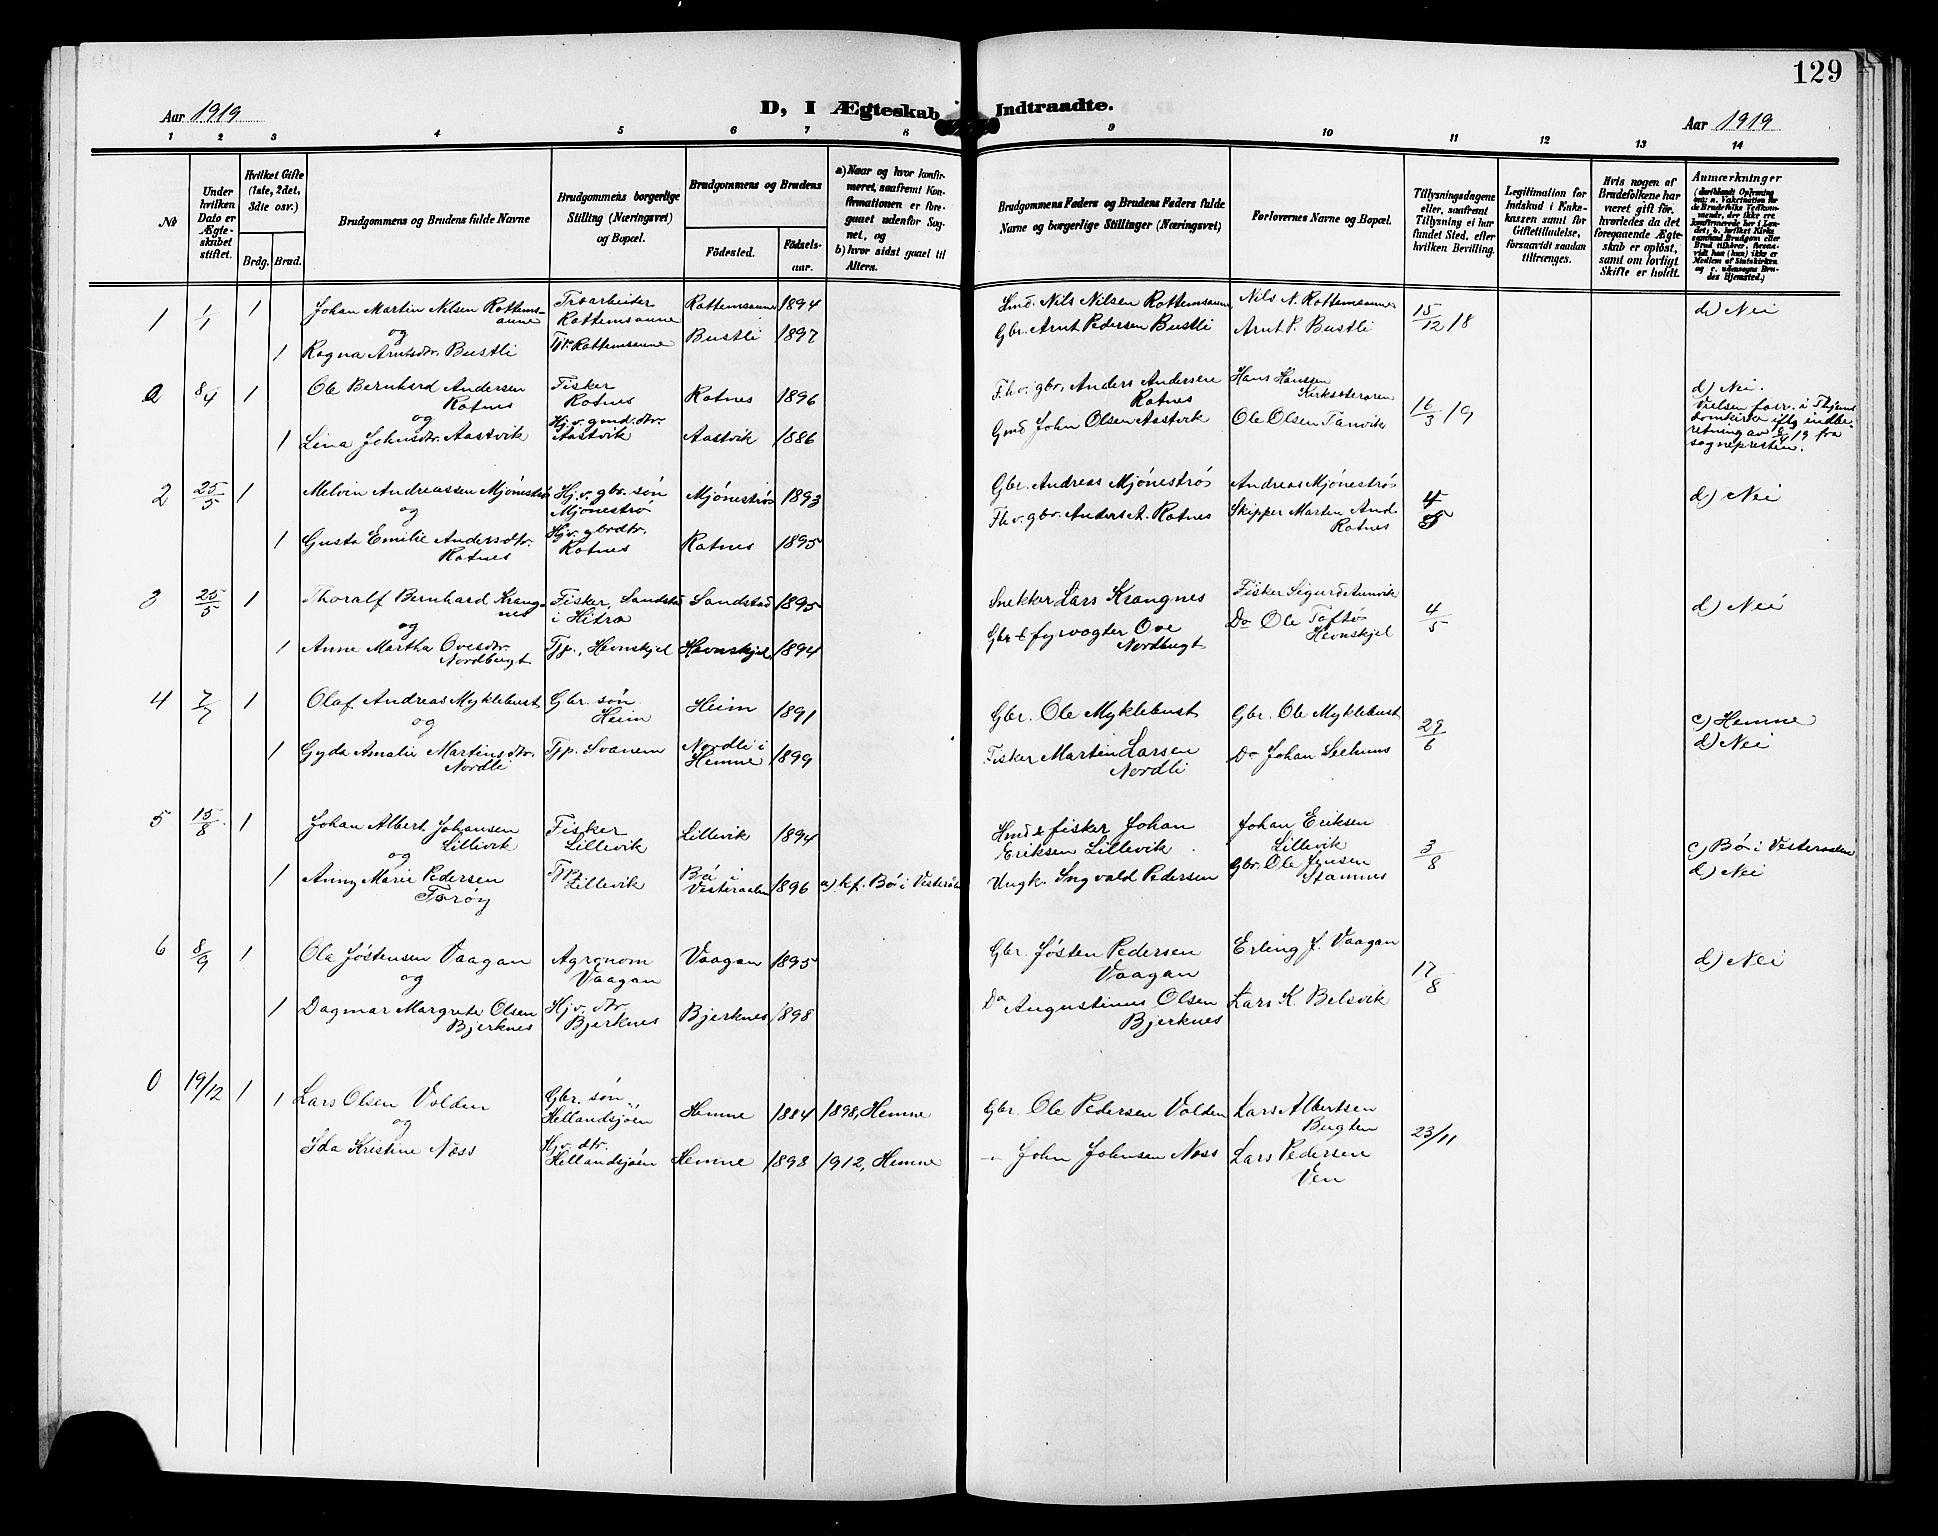 SAT, Ministerialprotokoller, klokkerbøker og fødselsregistre - Sør-Trøndelag, 633/L0520: Klokkerbok nr. 633C02, 1906-1921, s. 129